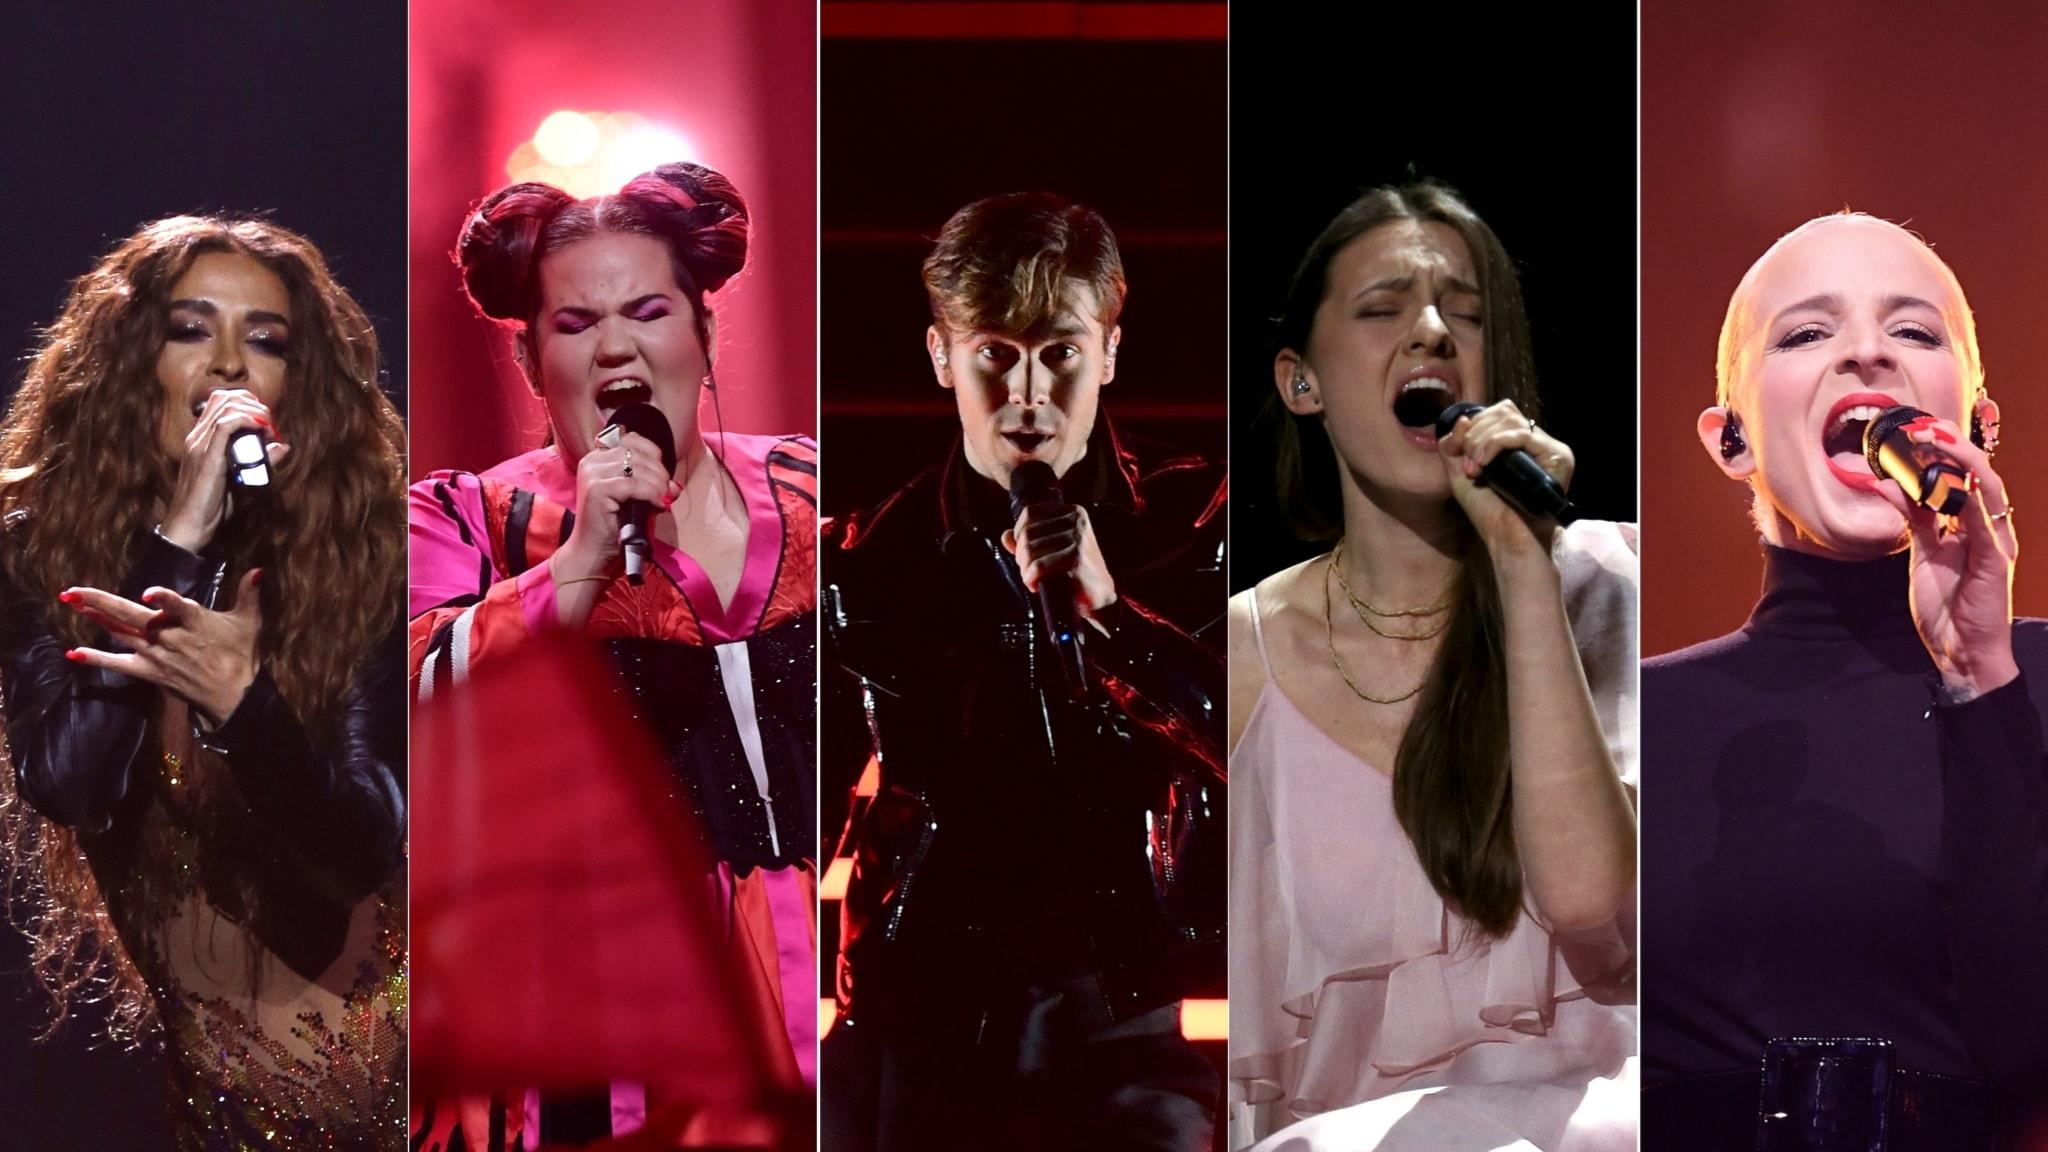 Eurovision Song Contest final - direkt från Lissabon (del 2)